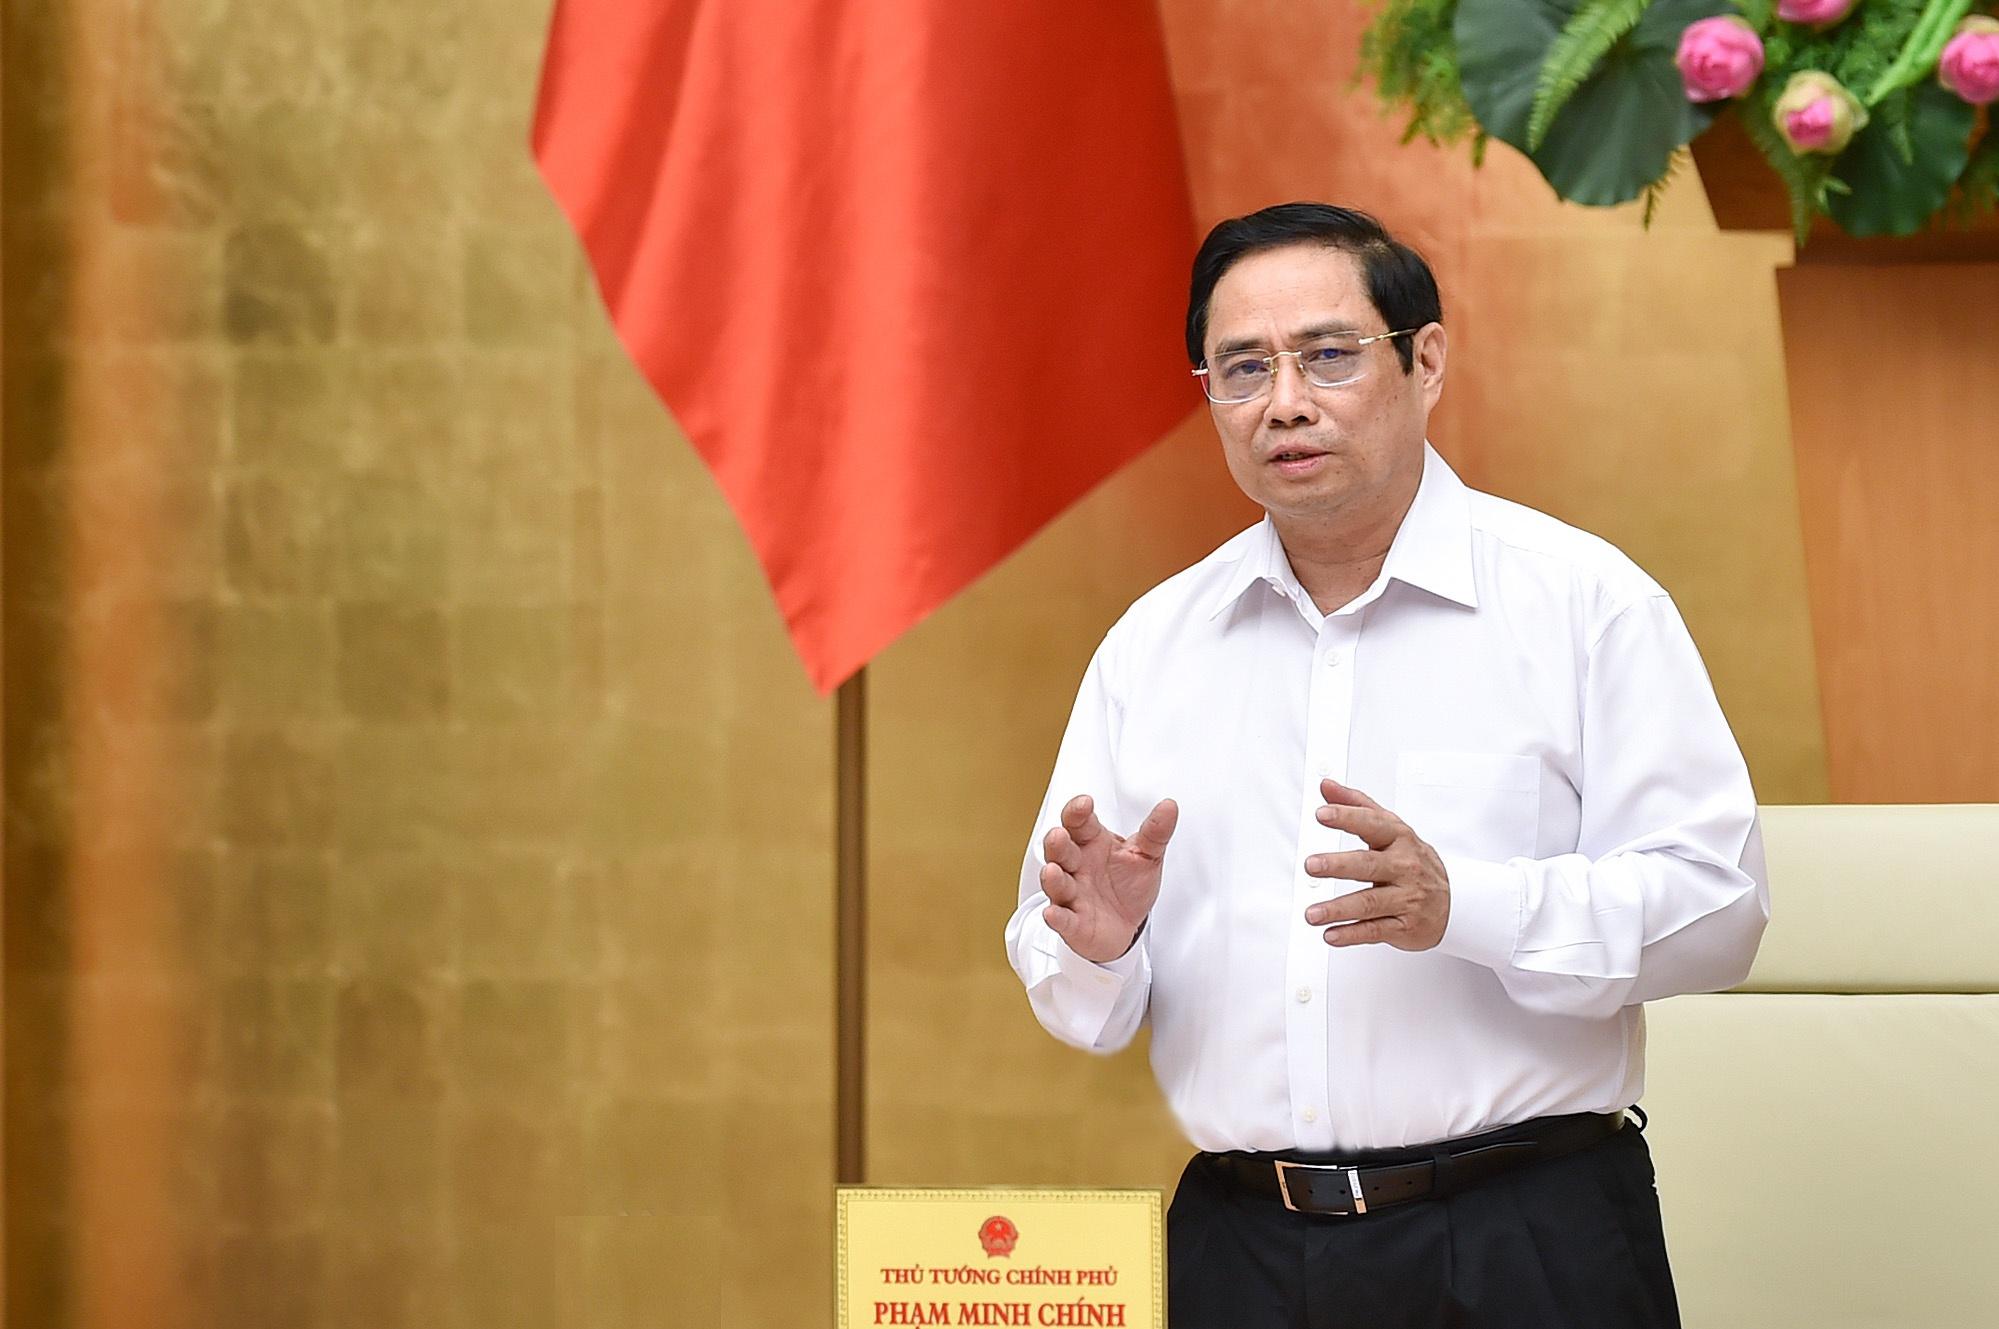 Thủ tướng Phạm Minh Chính: Thí điểm thu hút khách du lịch quốc tế đến Phú Quốc từ nay đến cuối năm, dự kiến đón 2-3 triệu lượt khách